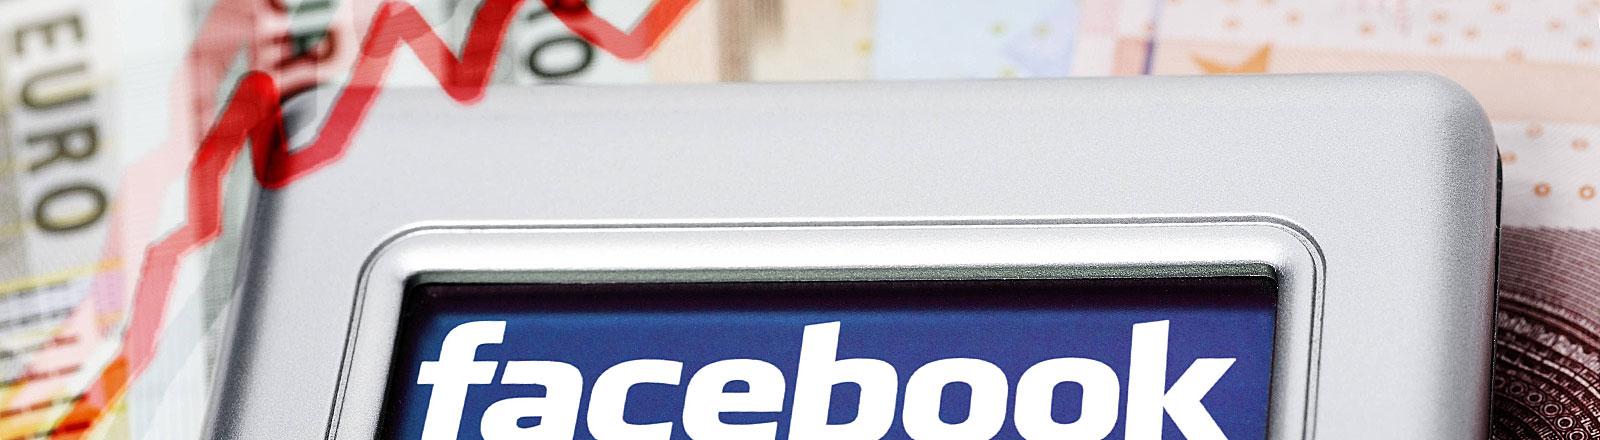 Facebook-Logo auf Smartphone, Geldscheine, steigender Kurswert